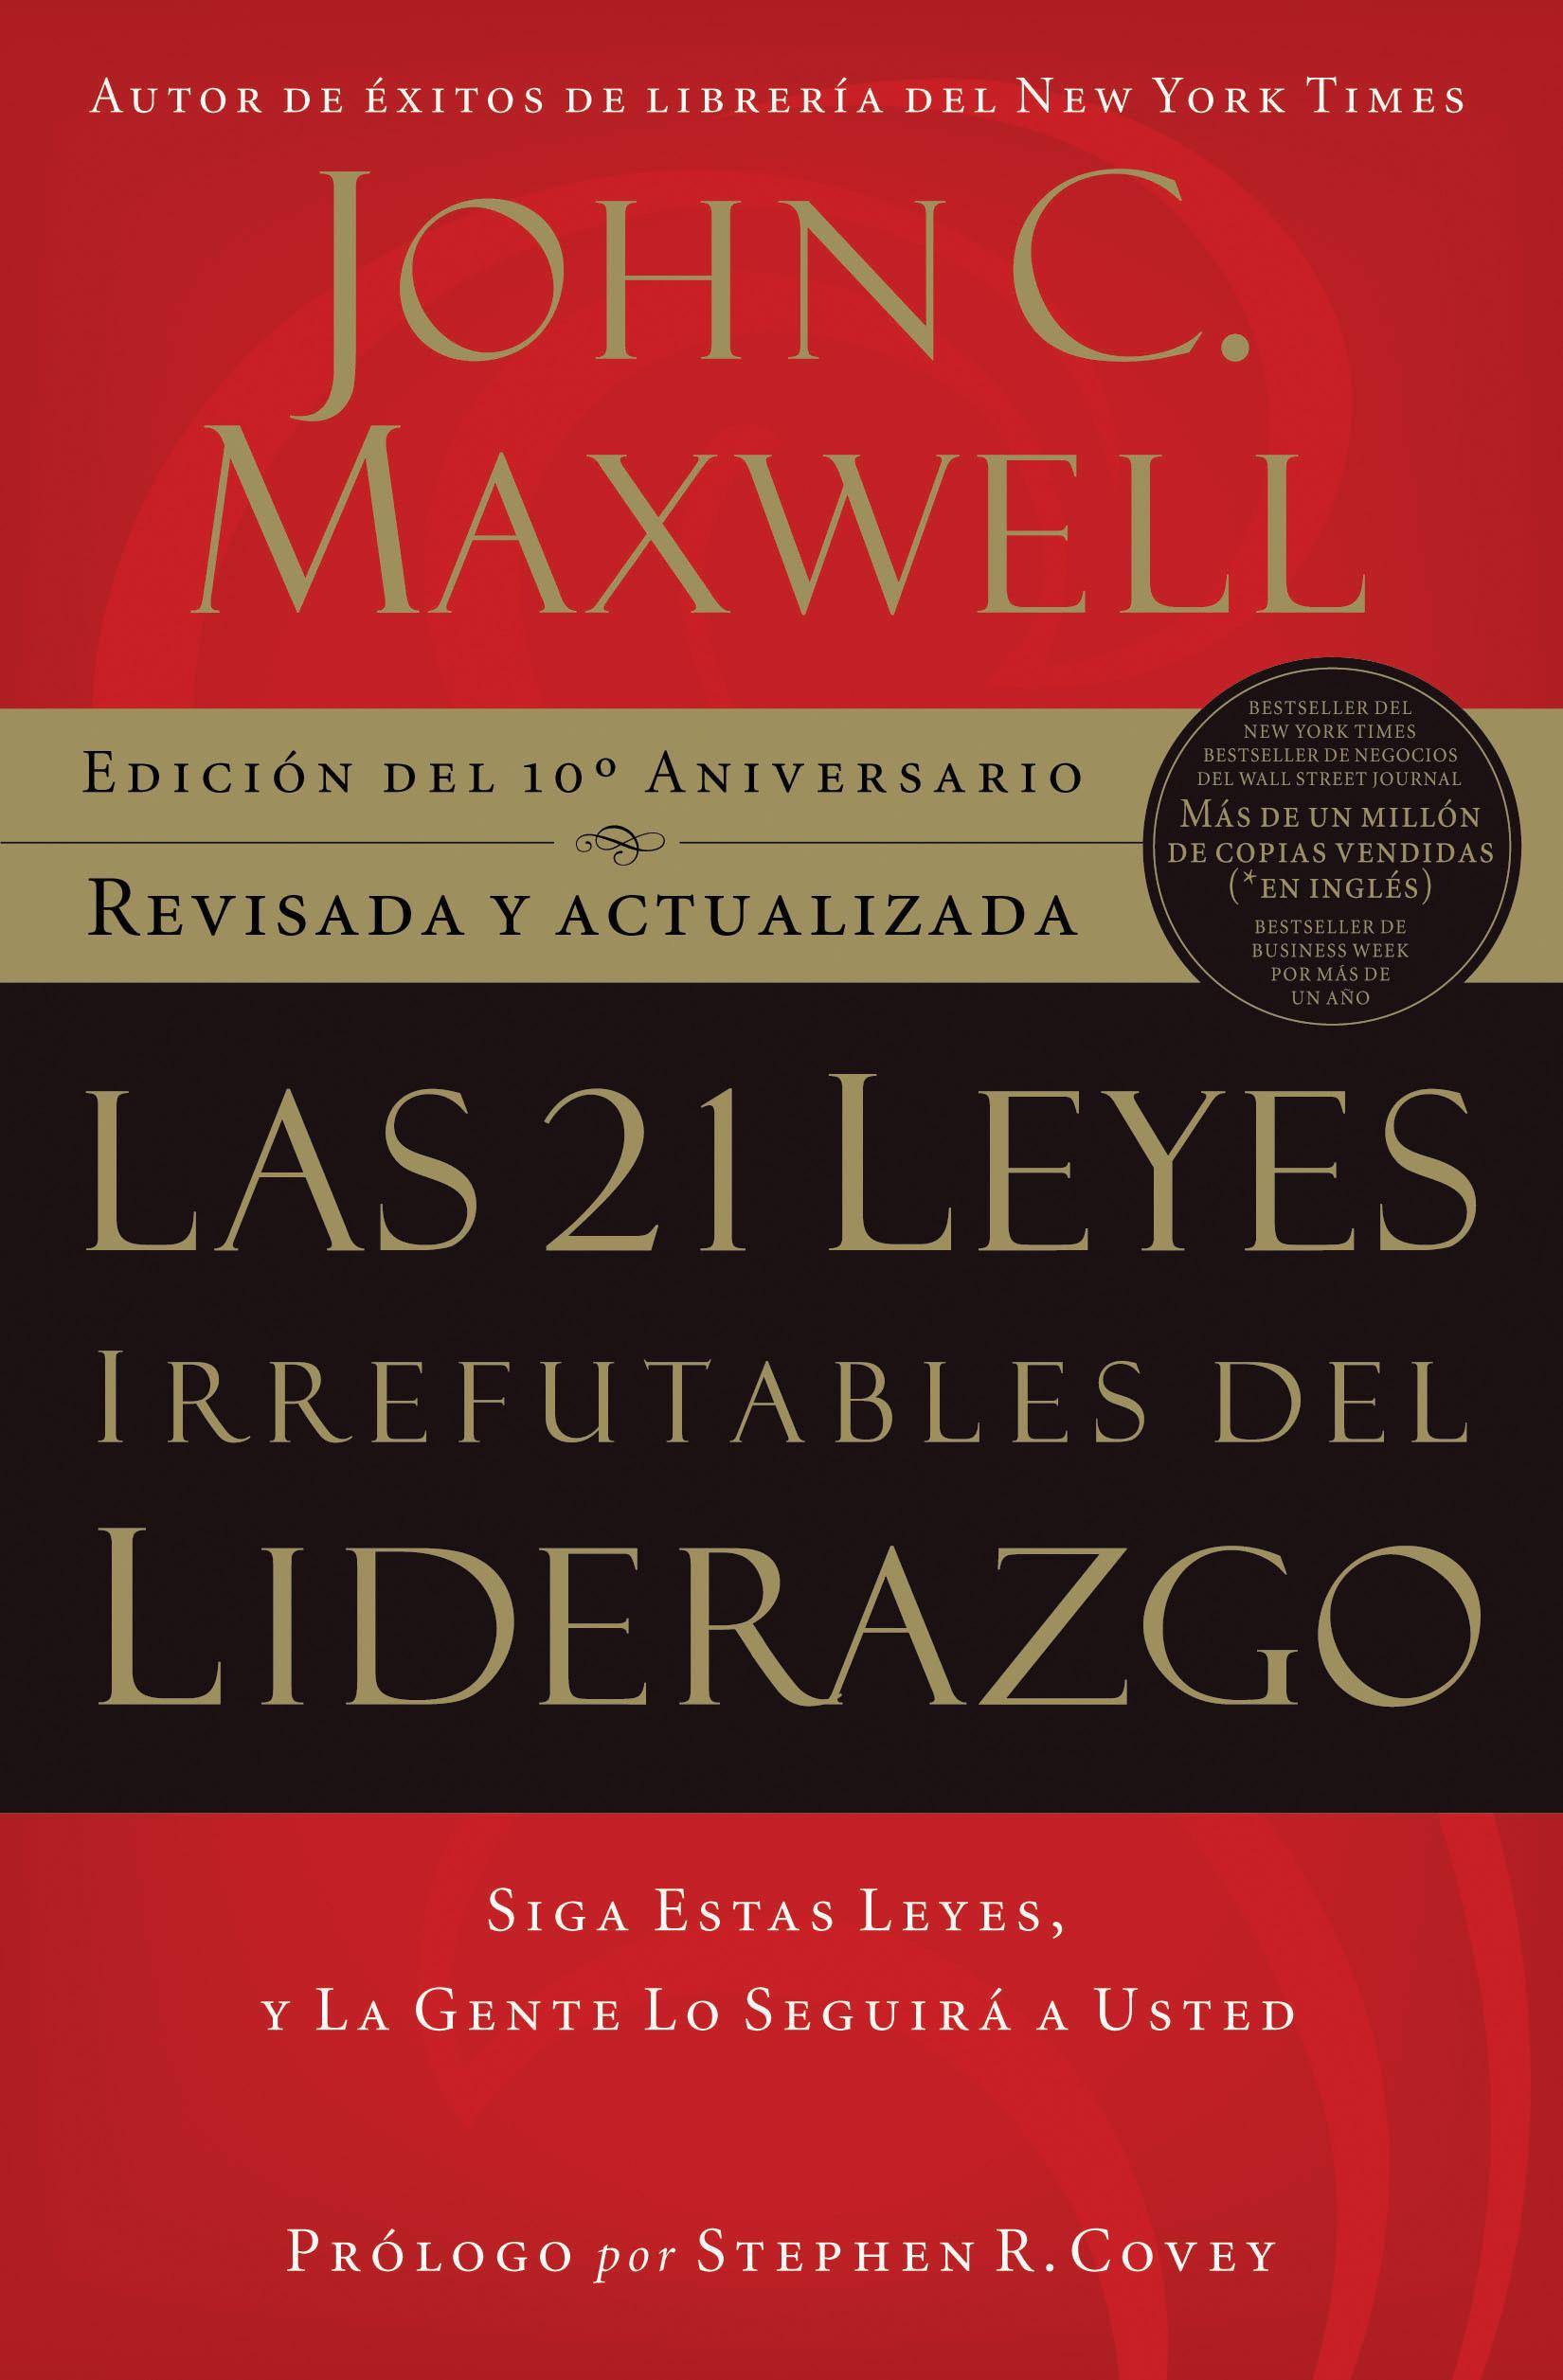 Las 21 leyes irrefutables del liderazgo - edición décimo aniversario